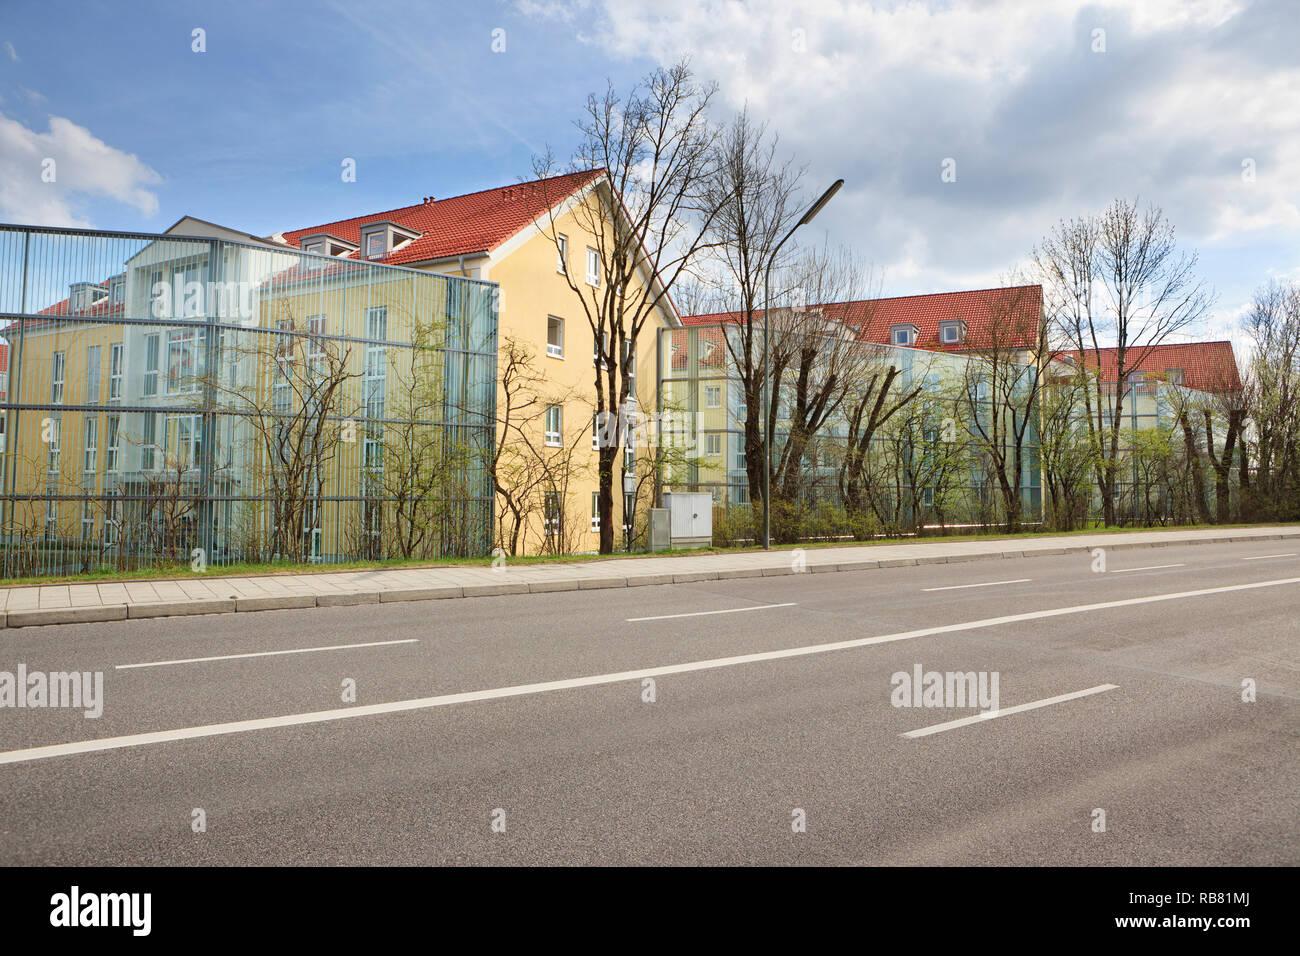 Le bruit d'une barrière faite de grands panneaux de verre protège un immeuble à appartements nouvellement construit à partir du bruit d'une route à quatre voies passant à proximité. Photo Stock